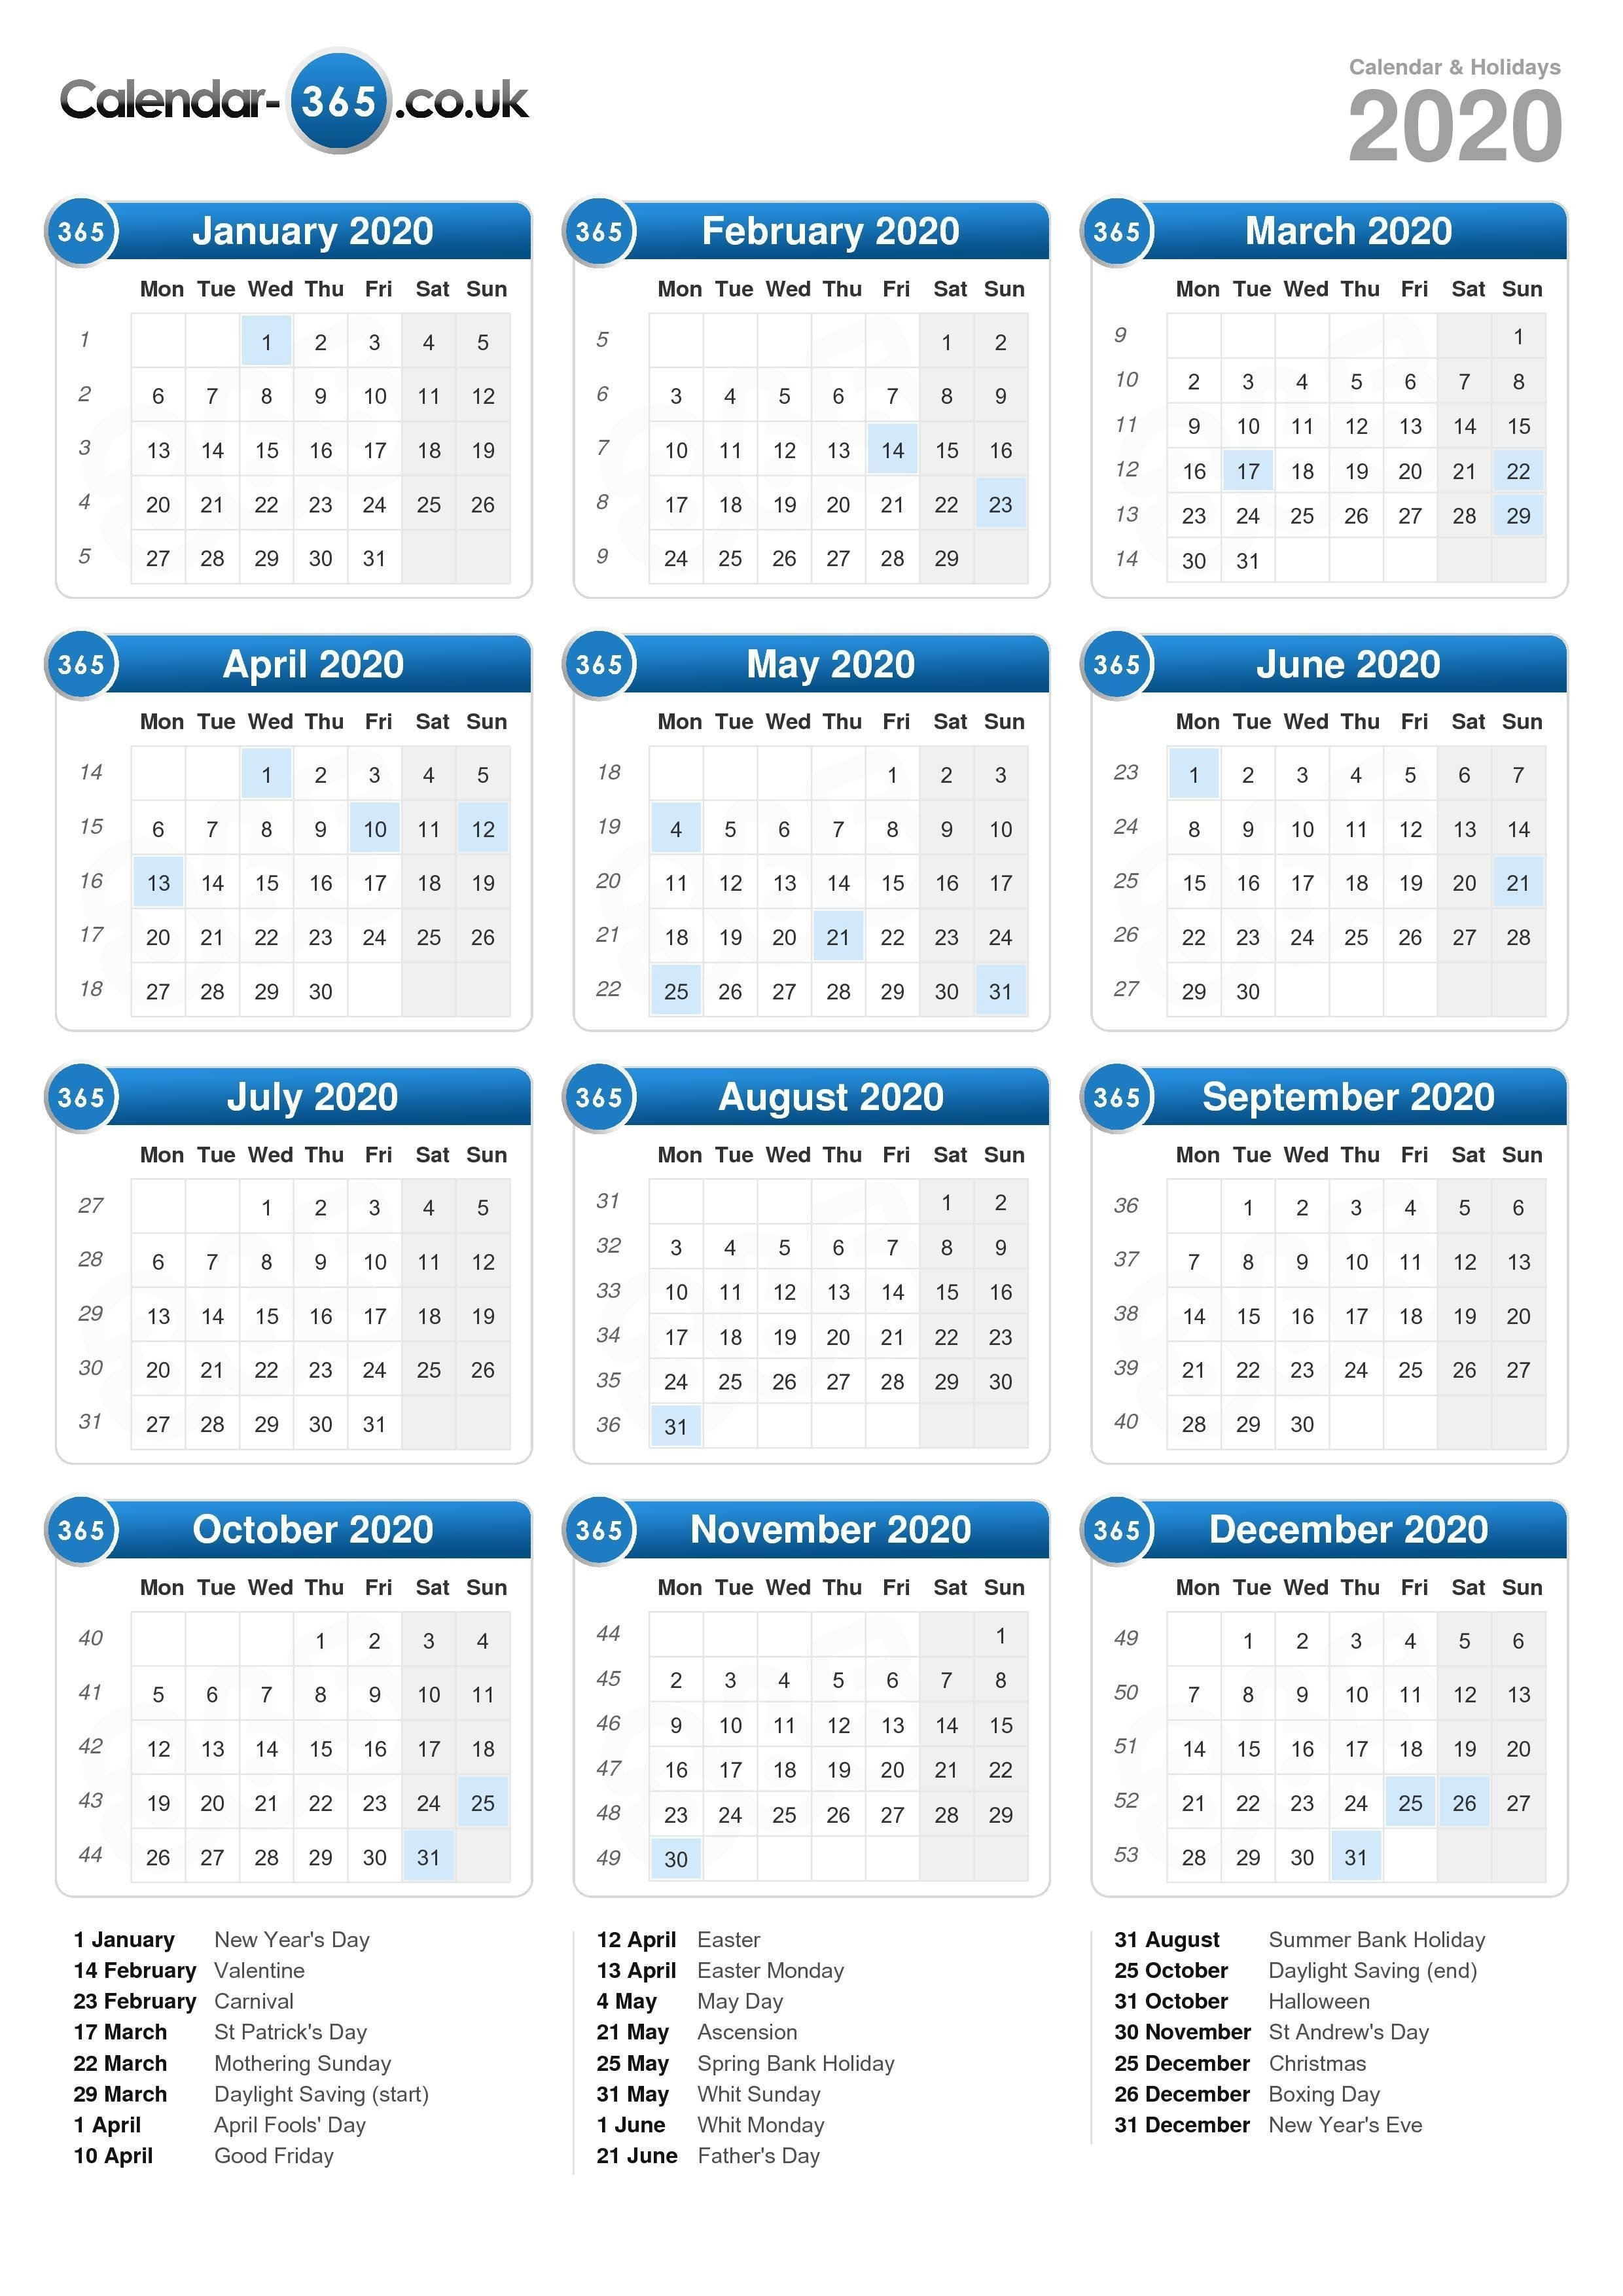 Calendar 2020-2020 Calendar Including Bank Holidays